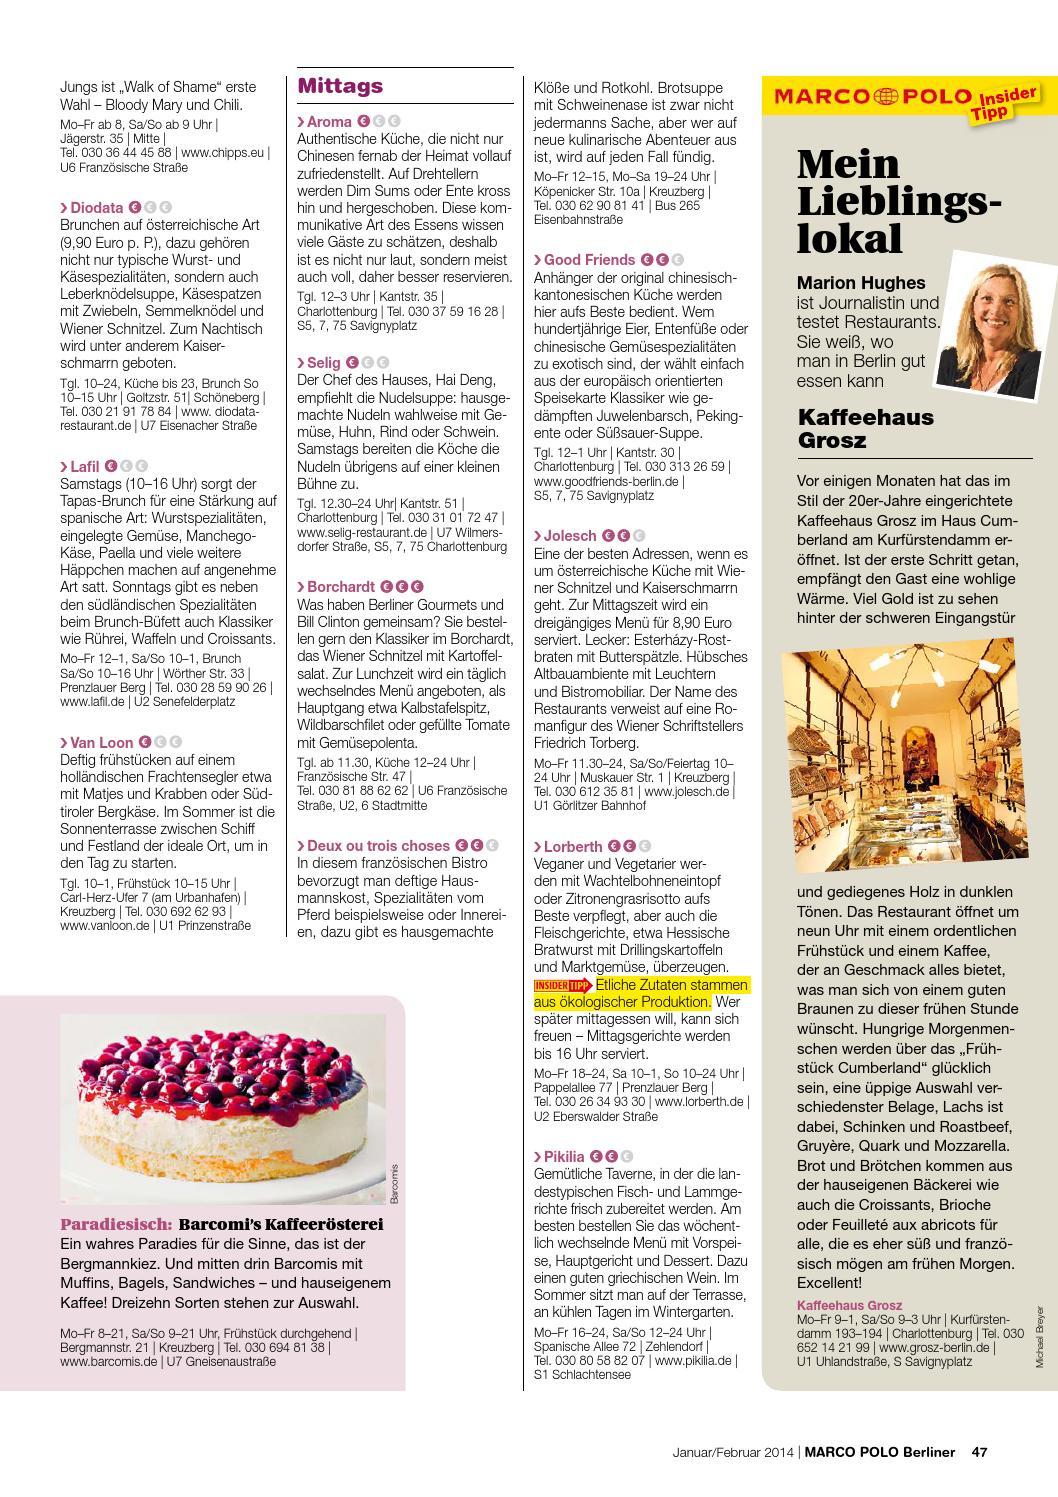 Hollandische Kuche Wien Die 5 Romantischsten Restaurants In Wien